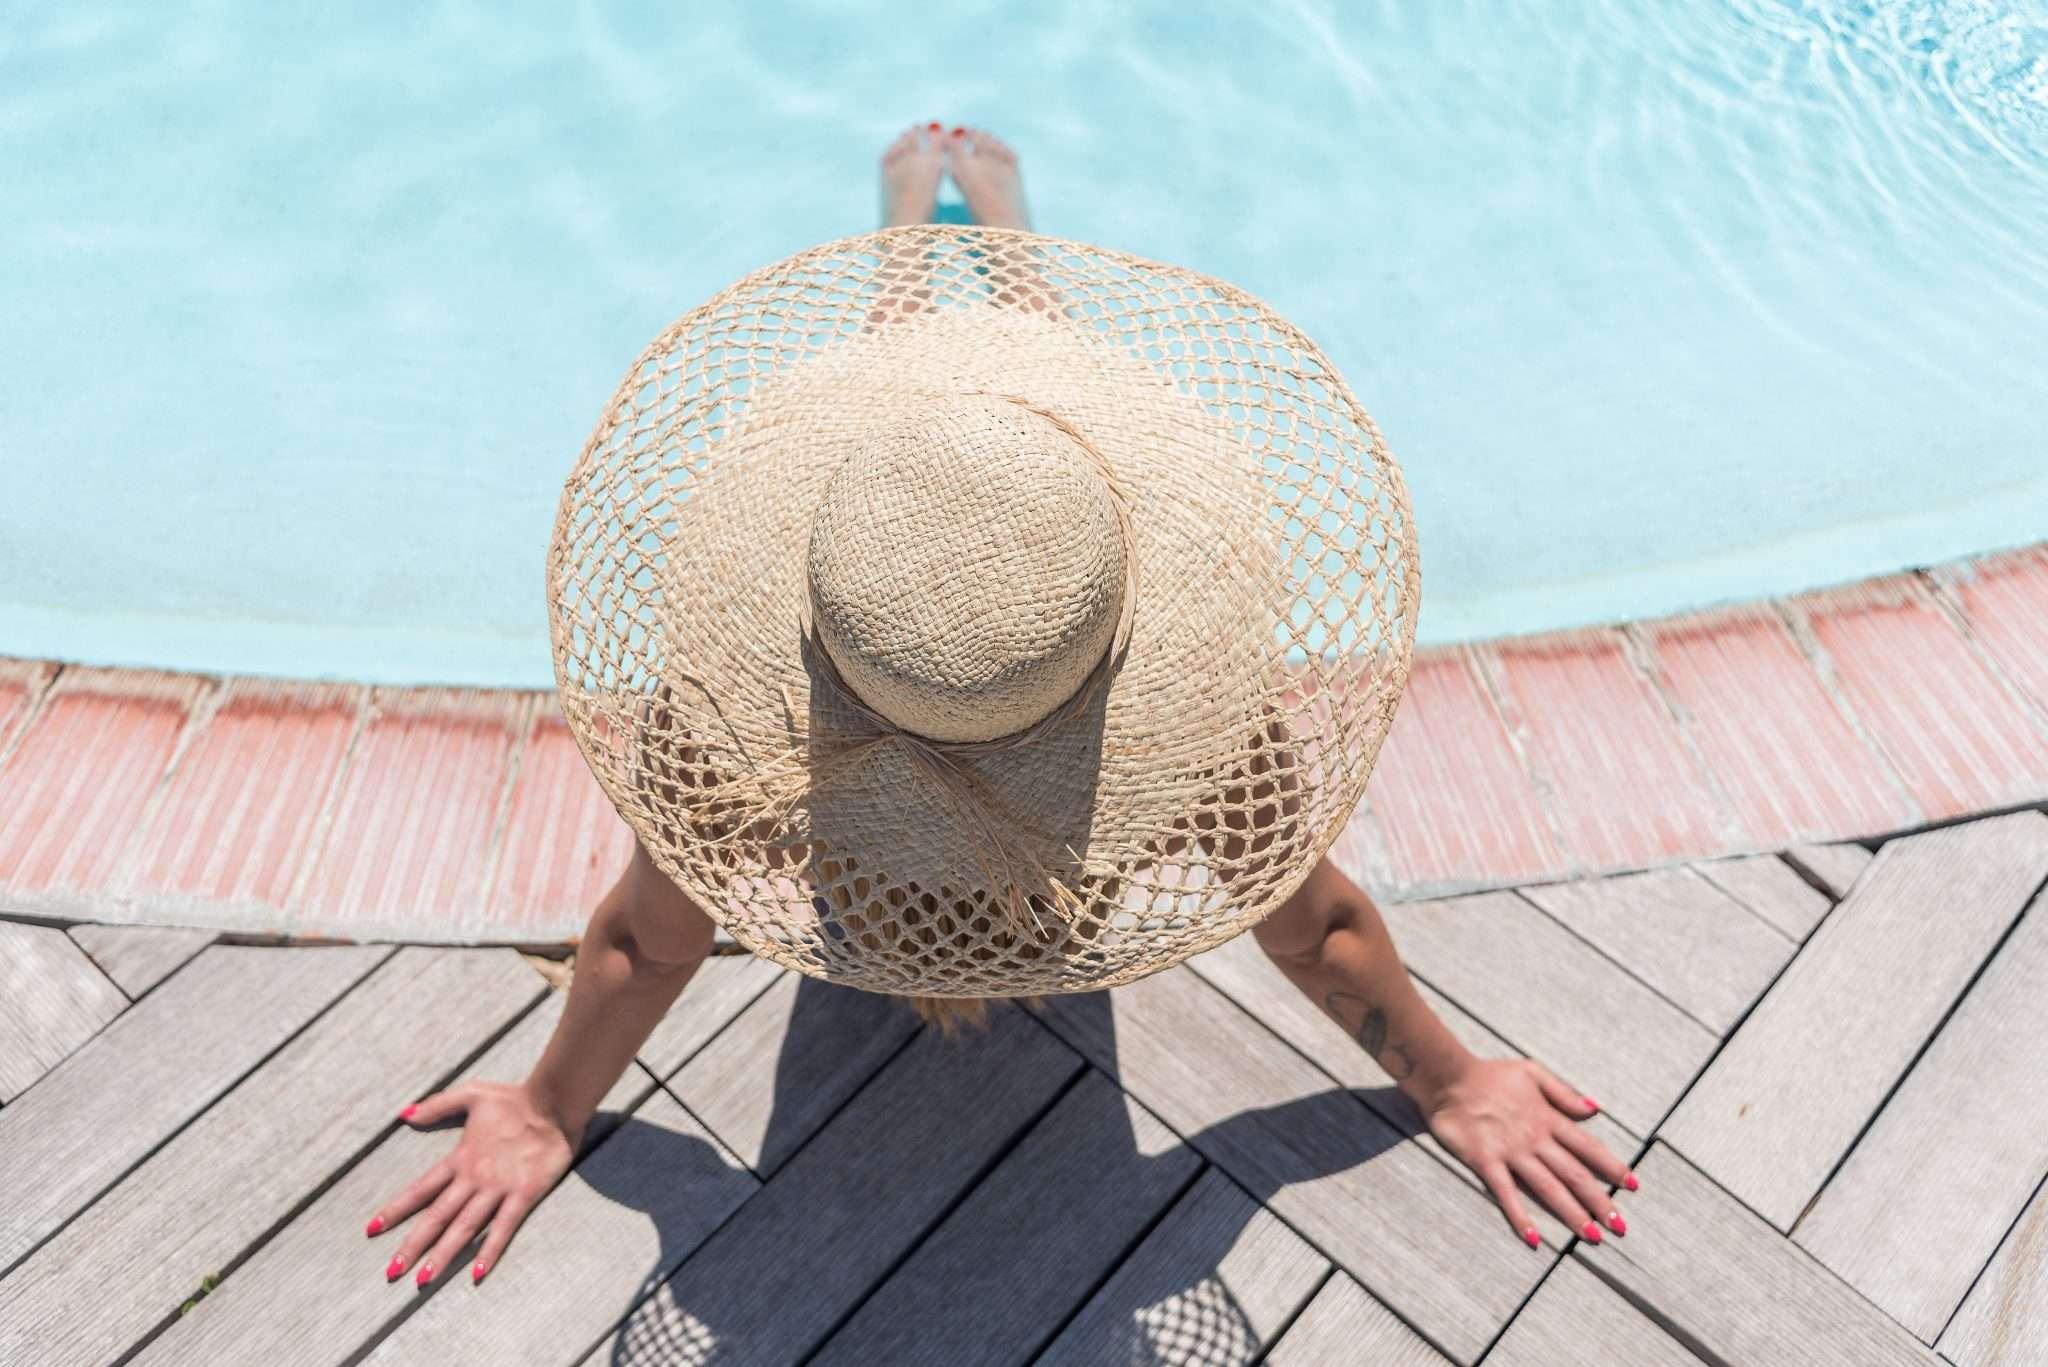 Fotografia donna con cappello terme realizzata da Barbara Trincone Fotografo freelance con studio privato a Pozzuoli Napoli specializzata in still Life ad uso e-commerce, book, advertising ed editoria